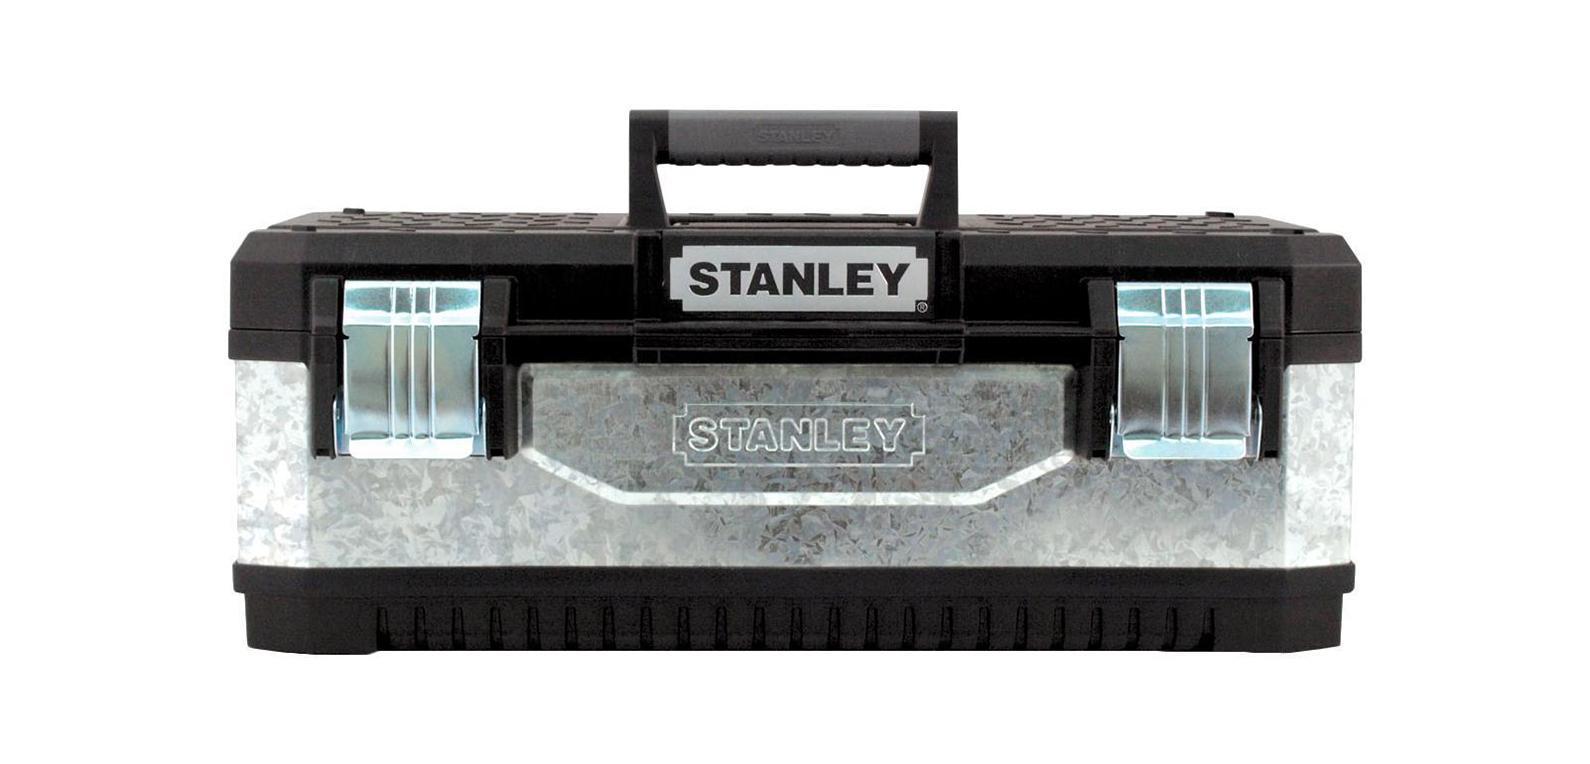 Ящик для инструмента Stanley, 2098293777Ящик для инструмента профессиональный Stanley металлопластмассовый гальванизированный. - Одна длинная металлическая петля для усиления конструкции и возможности переноски большого веса - Большие прочные металлические с защитой от коррозии замки - Эргономичная ручка из двух материалов - Вместительный металлический корпус 3-х наиболее востребованных размеров - V-образный паз в крышке ящика для удобства расположения детали при пилении - Переносной лоток для транспортировки инструмента и мелких деталей - Отверстия в замках для возможности использования навесного замка для максимальной защиты инструмента. Характеристики: Материал: пластик, металл. Размеры ящика: 48 см х 24 см х 16 см. Размеры лотка:38 см х 23 см х 3 см. Глубина ящика:16 см. Размеры упаковки:49,7 см х 29,3 см х 22,2 см.